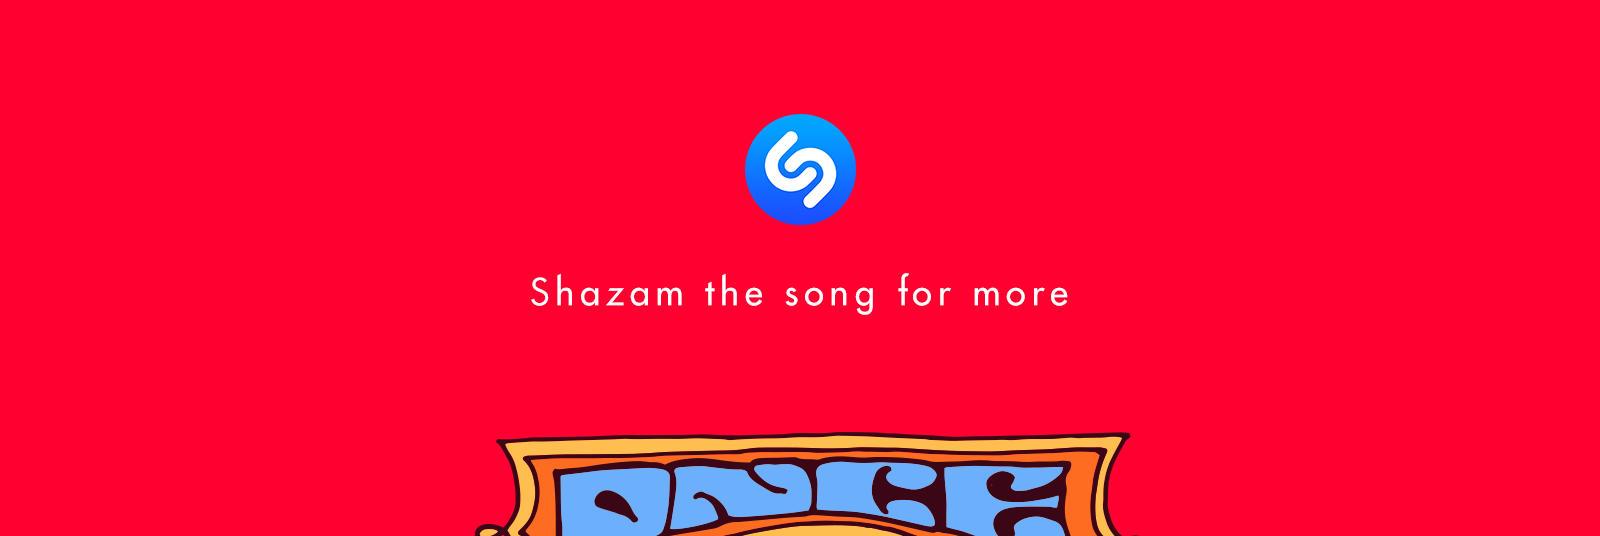 Shazam DNCE Kissing Strangers